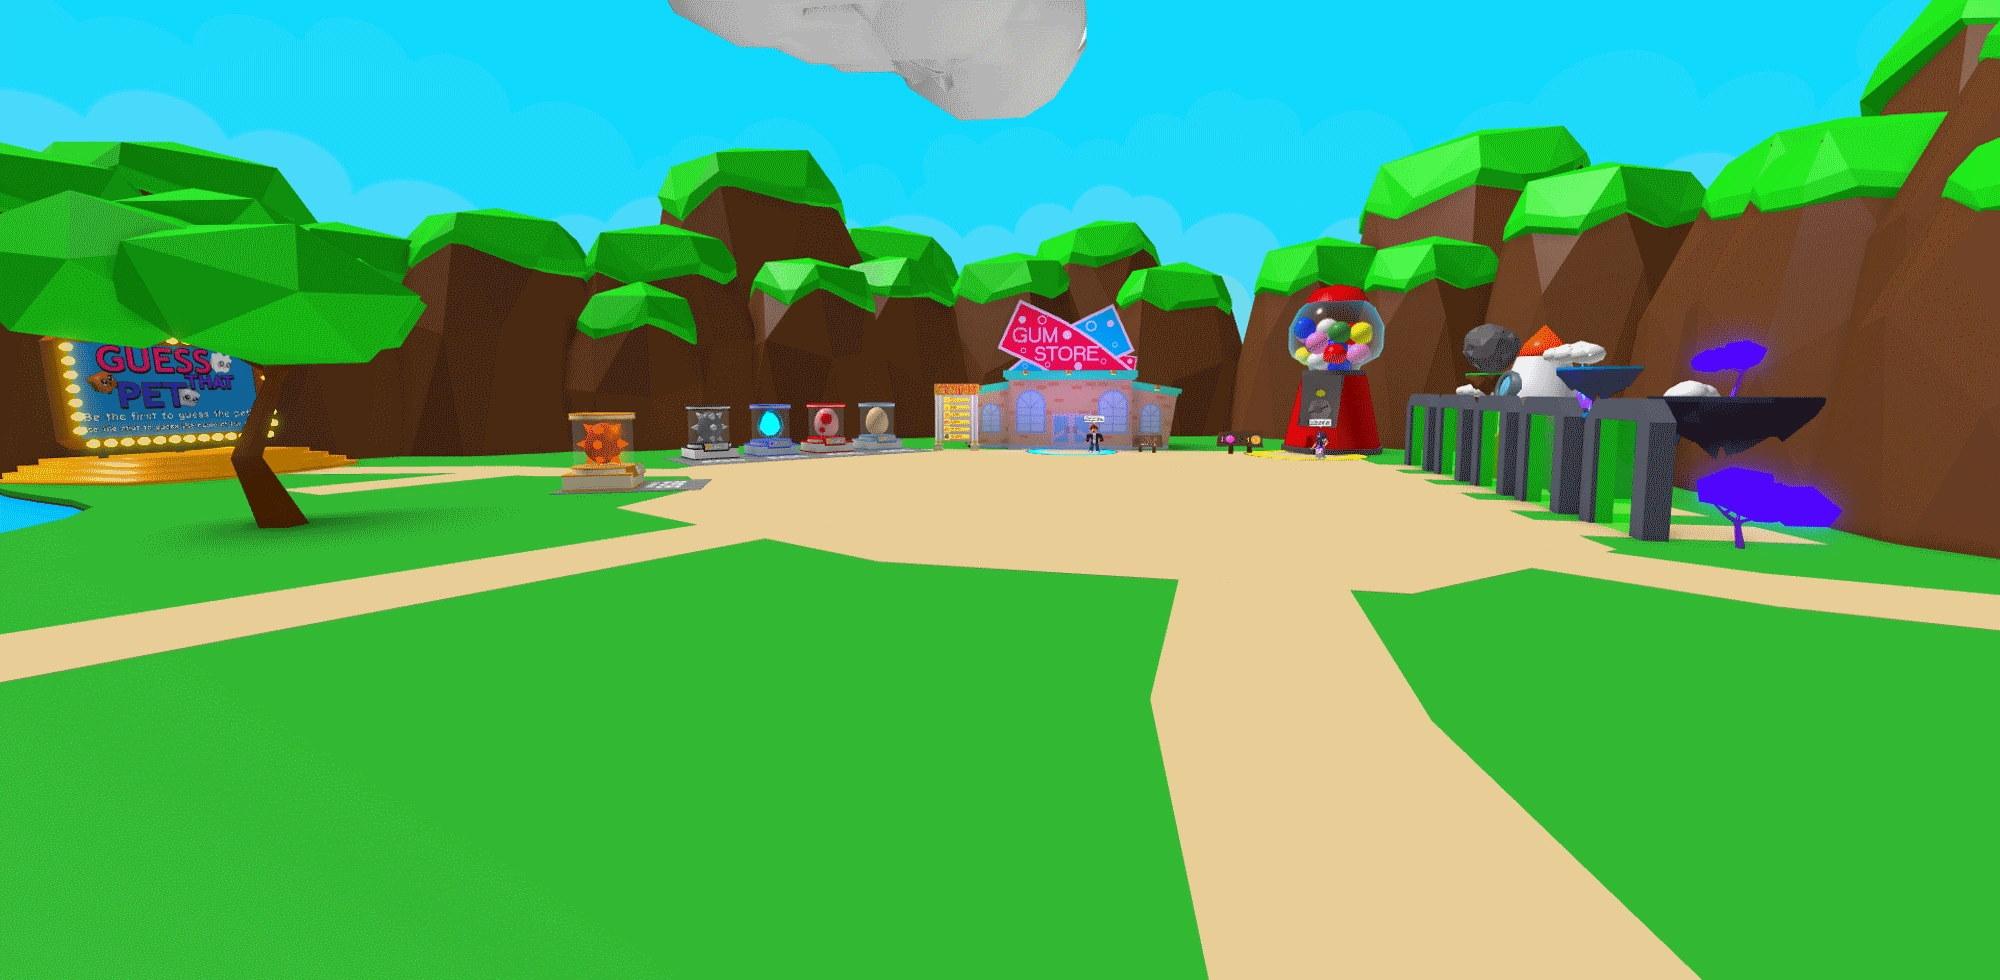 Roblox Bubble Gum Simulator Festive Serpent Roblox Studio Kindle